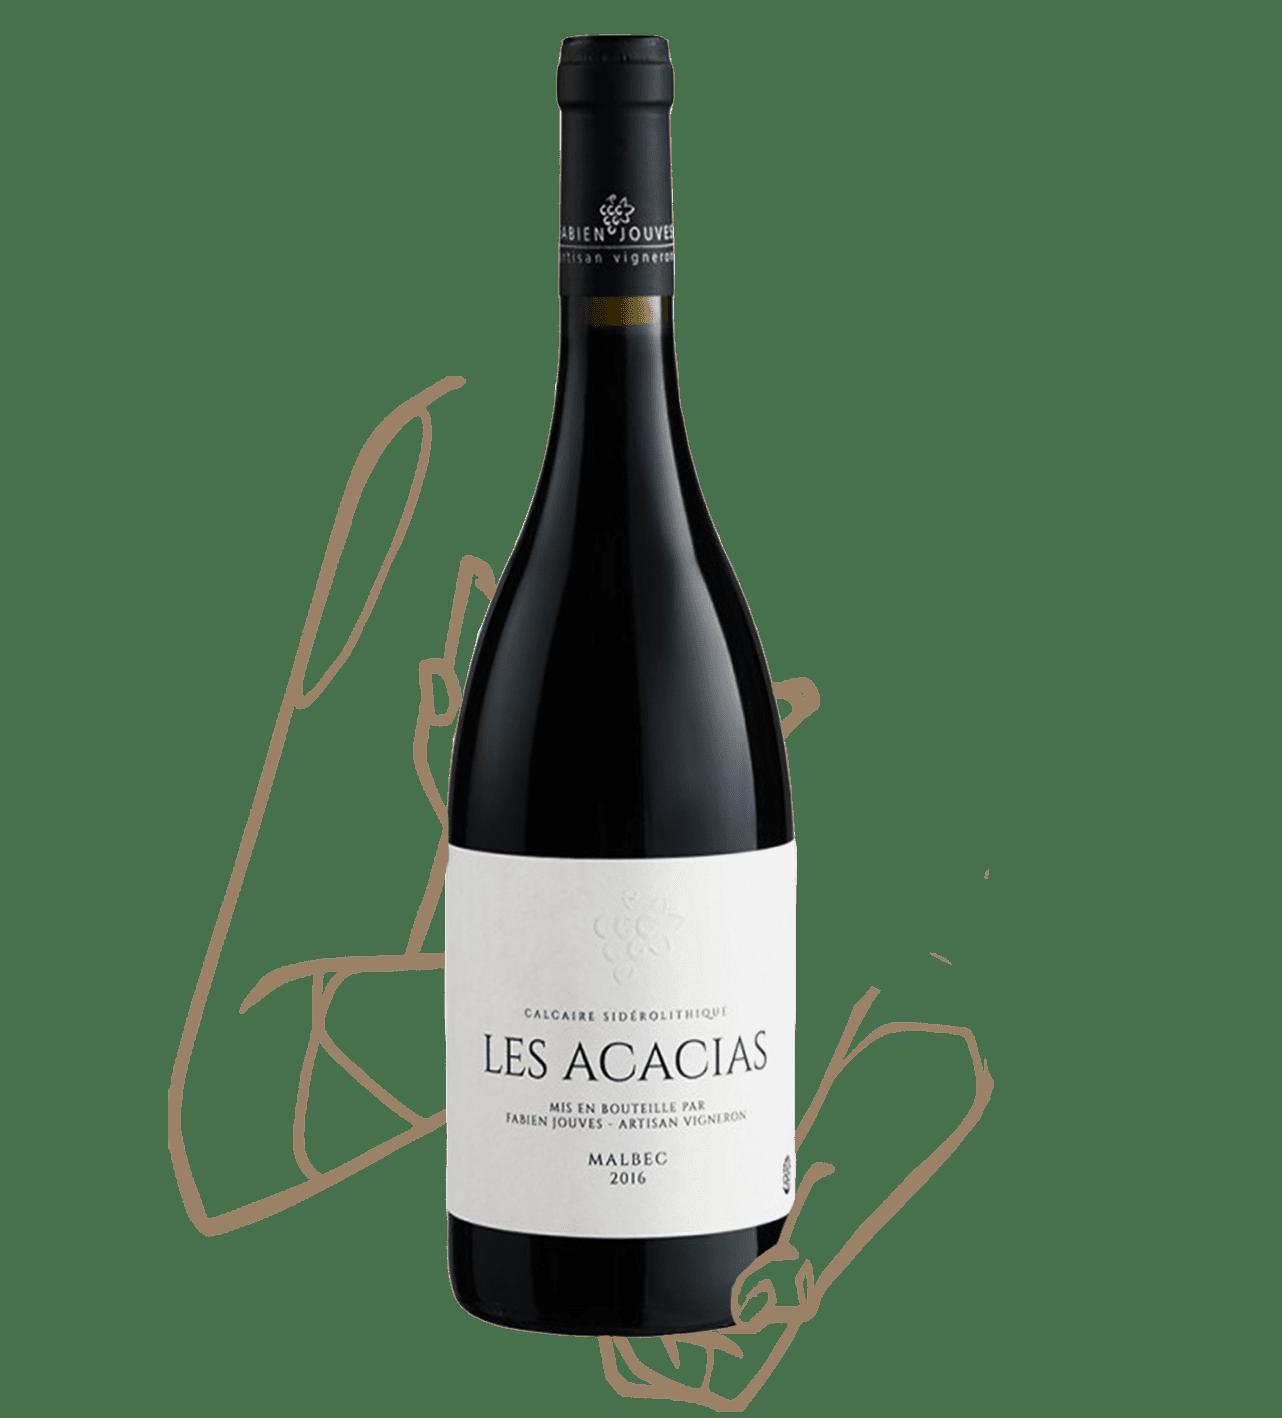 Les acacias est un vin naturel du cahors de fabien jouves (mas del périé)